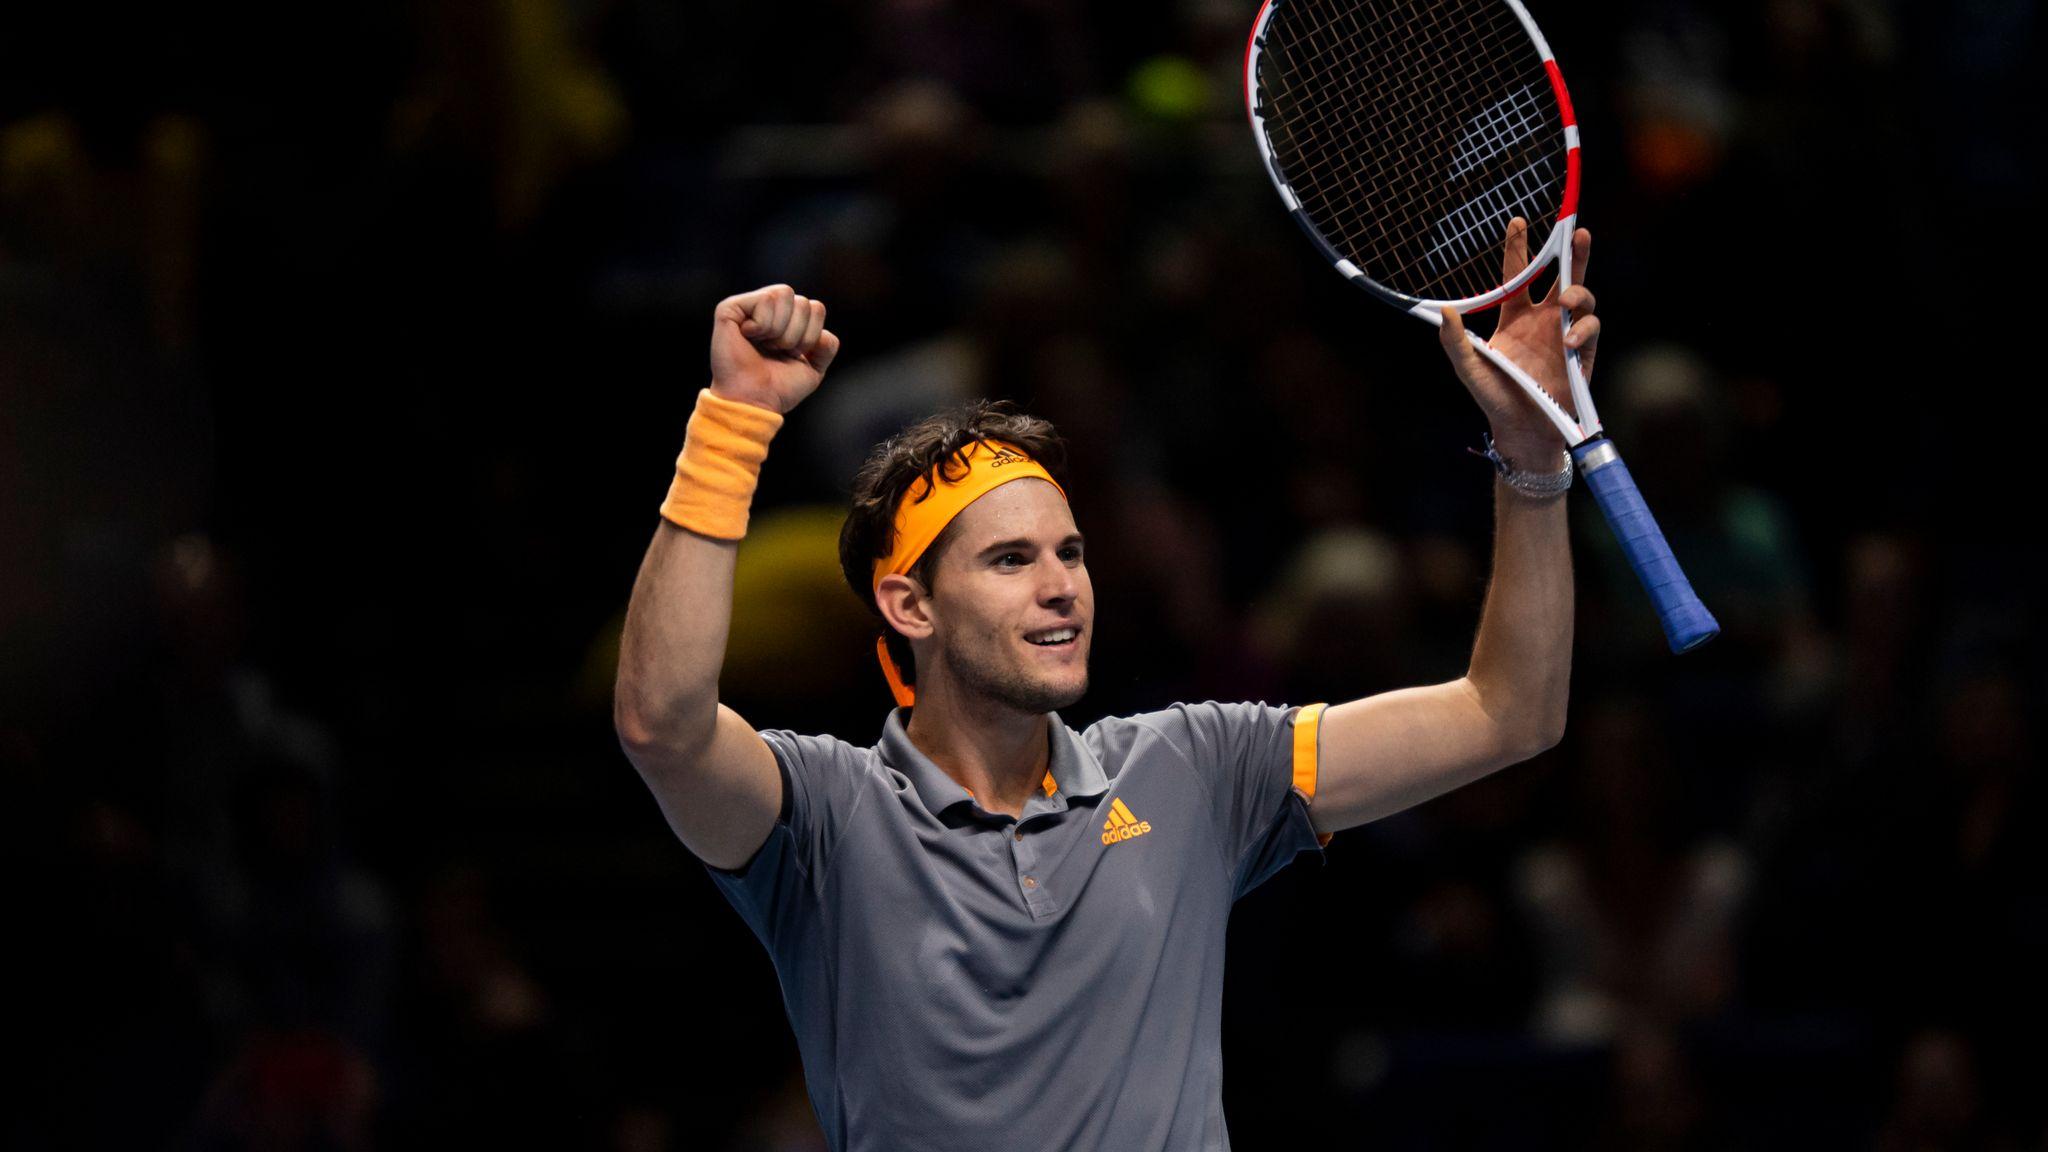 Atp Finals Dominic Thiem Defeats Alexander Zverev To Book Stefanos Tsitsipas Final Tennis News Sky Sports